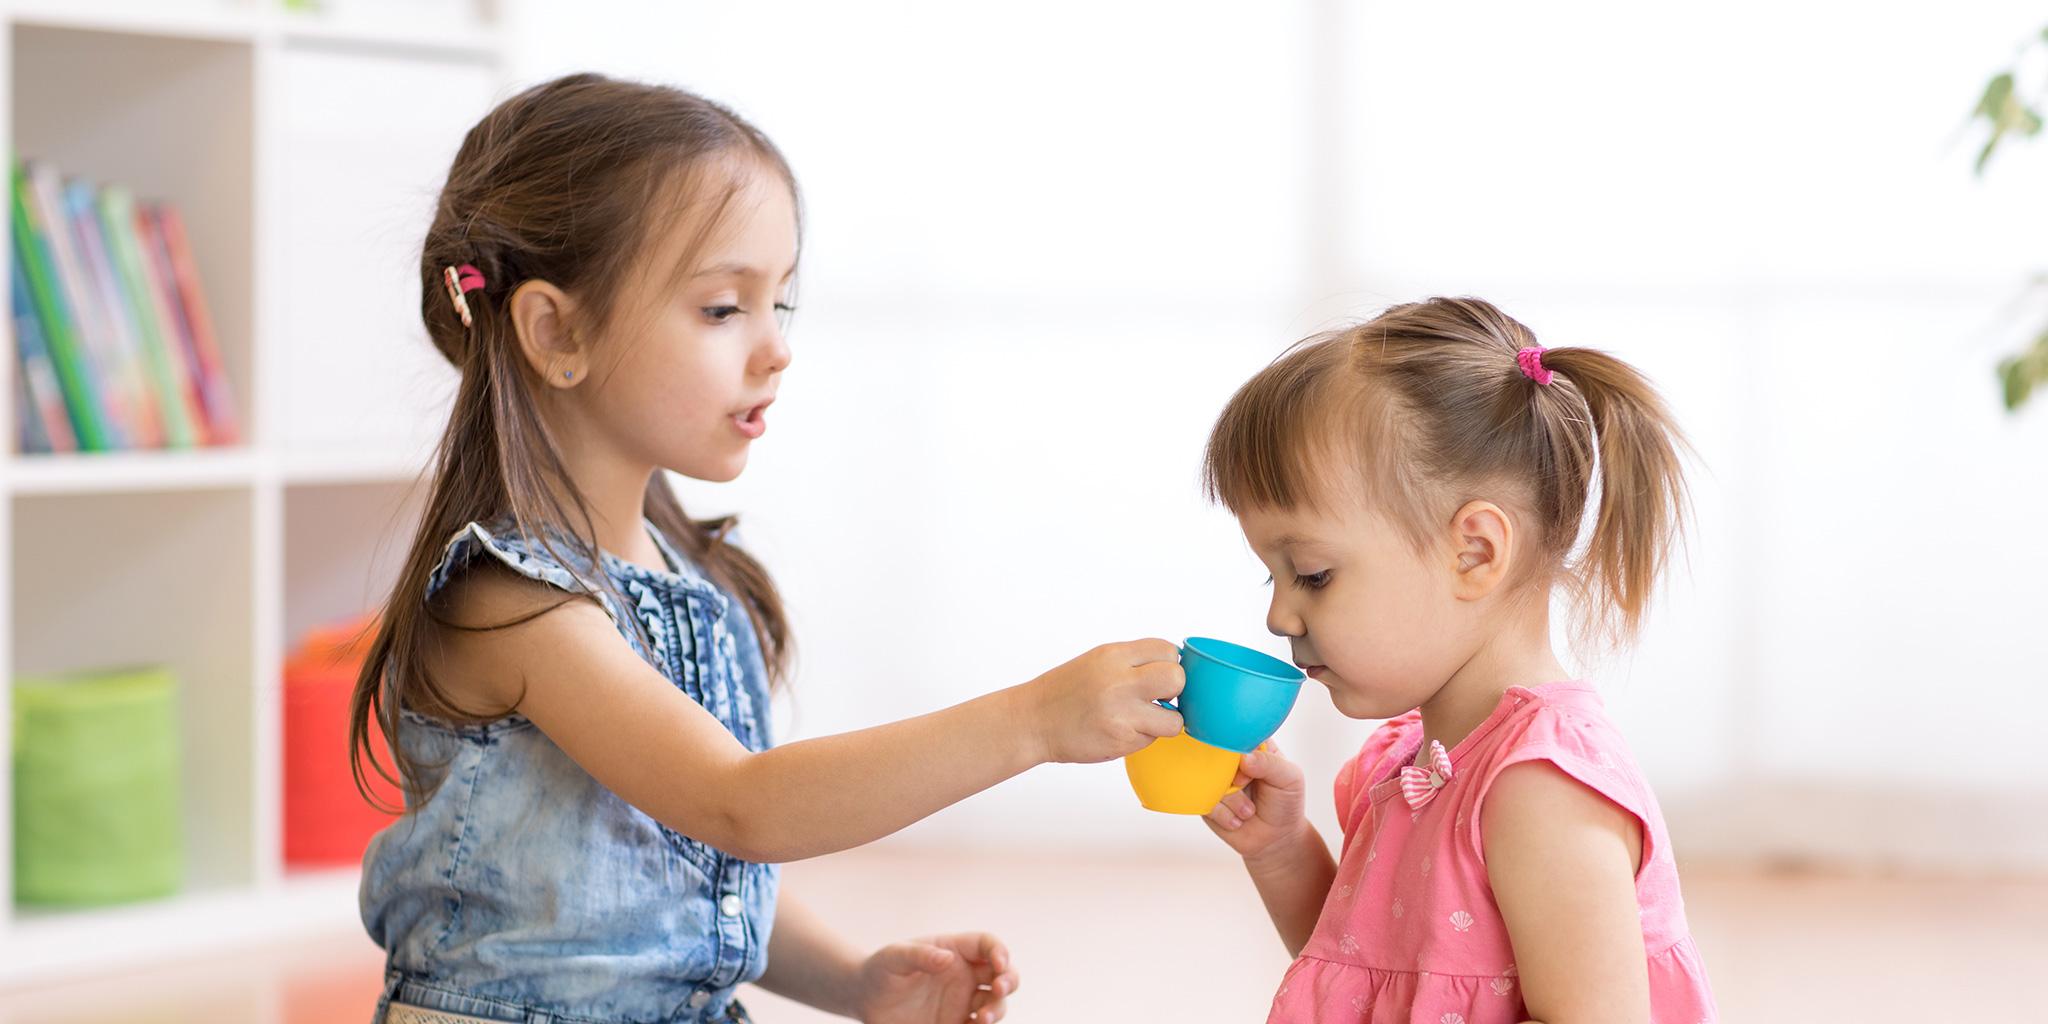 Deixar os seus filhos com uma babysitter pela primeira vez